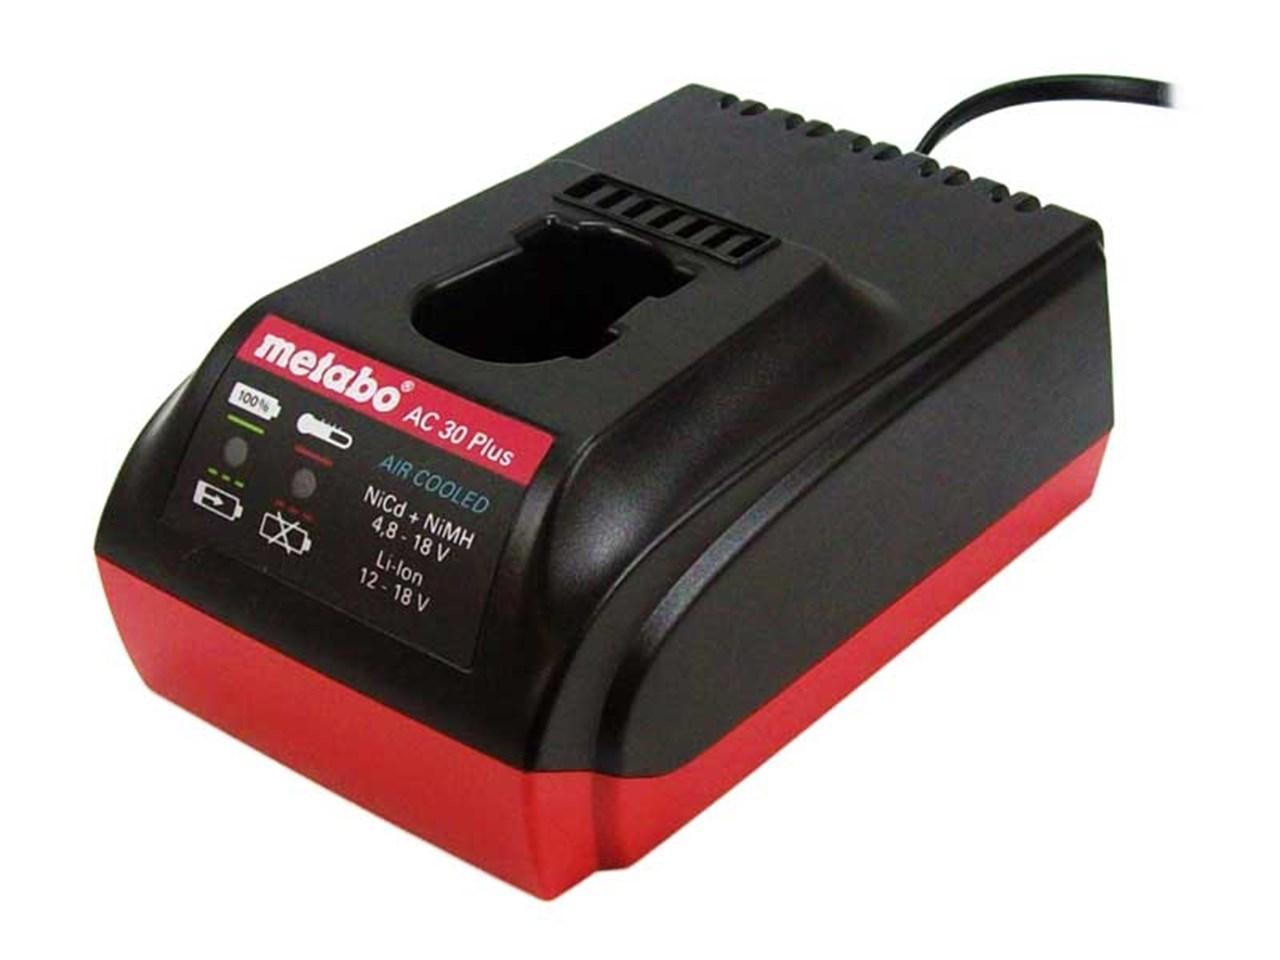 Metabo Ac 30 Plus 48v 18v Nicd Nimh Li Ion Universal Fast Charger Wiring Diagram